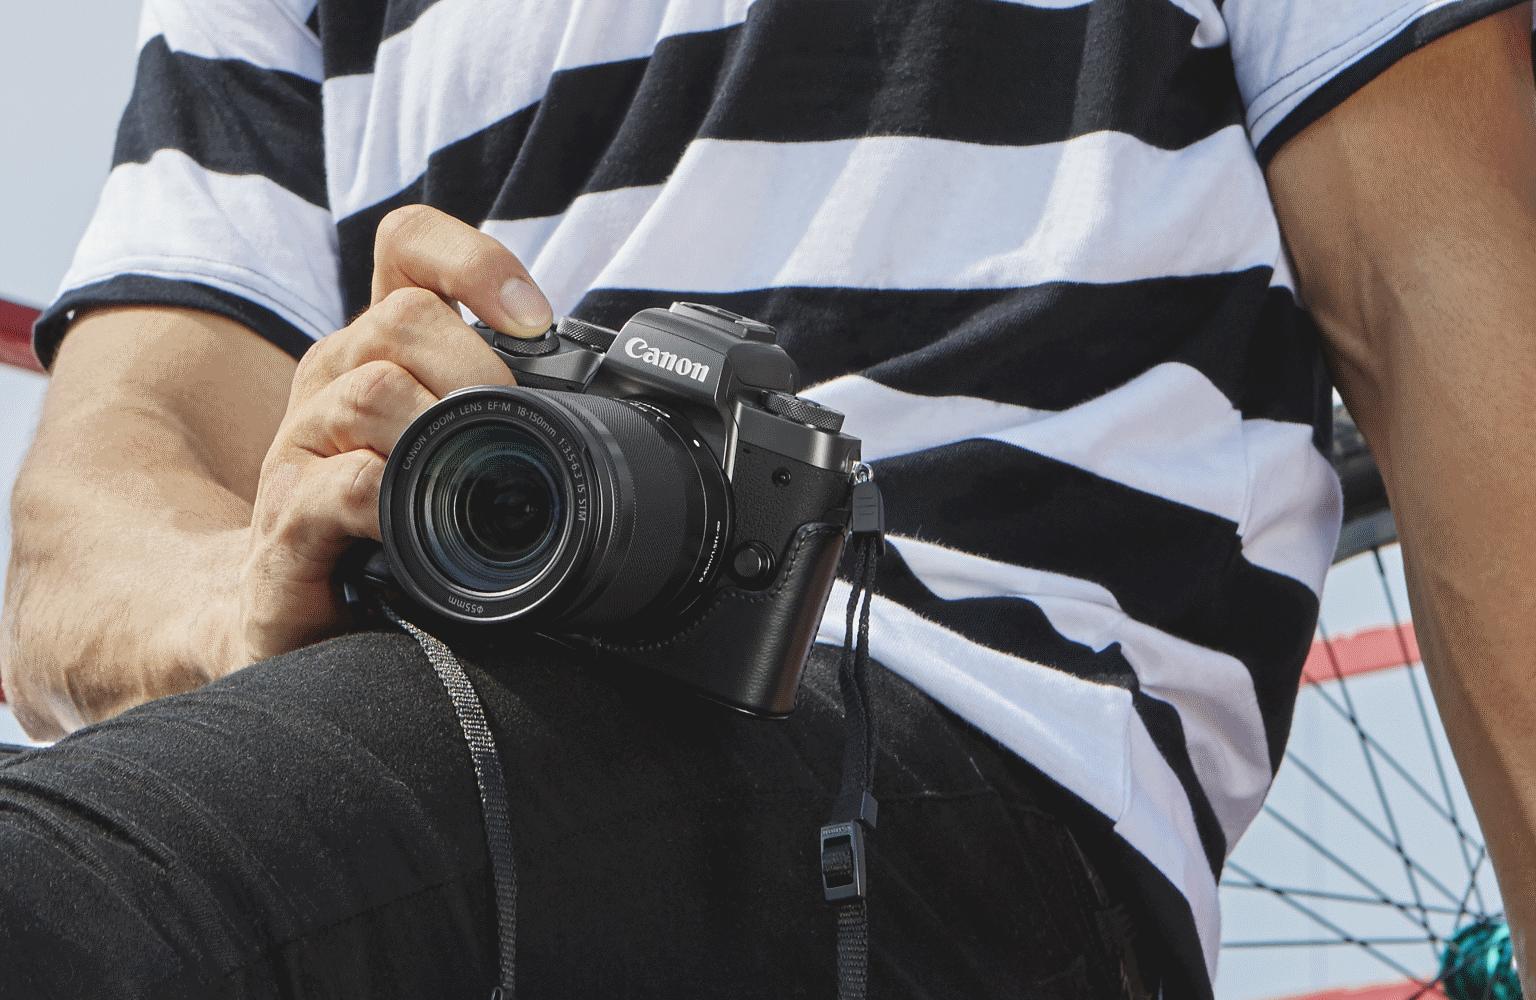 Canon_EOS_M5_Stendo_Image_3